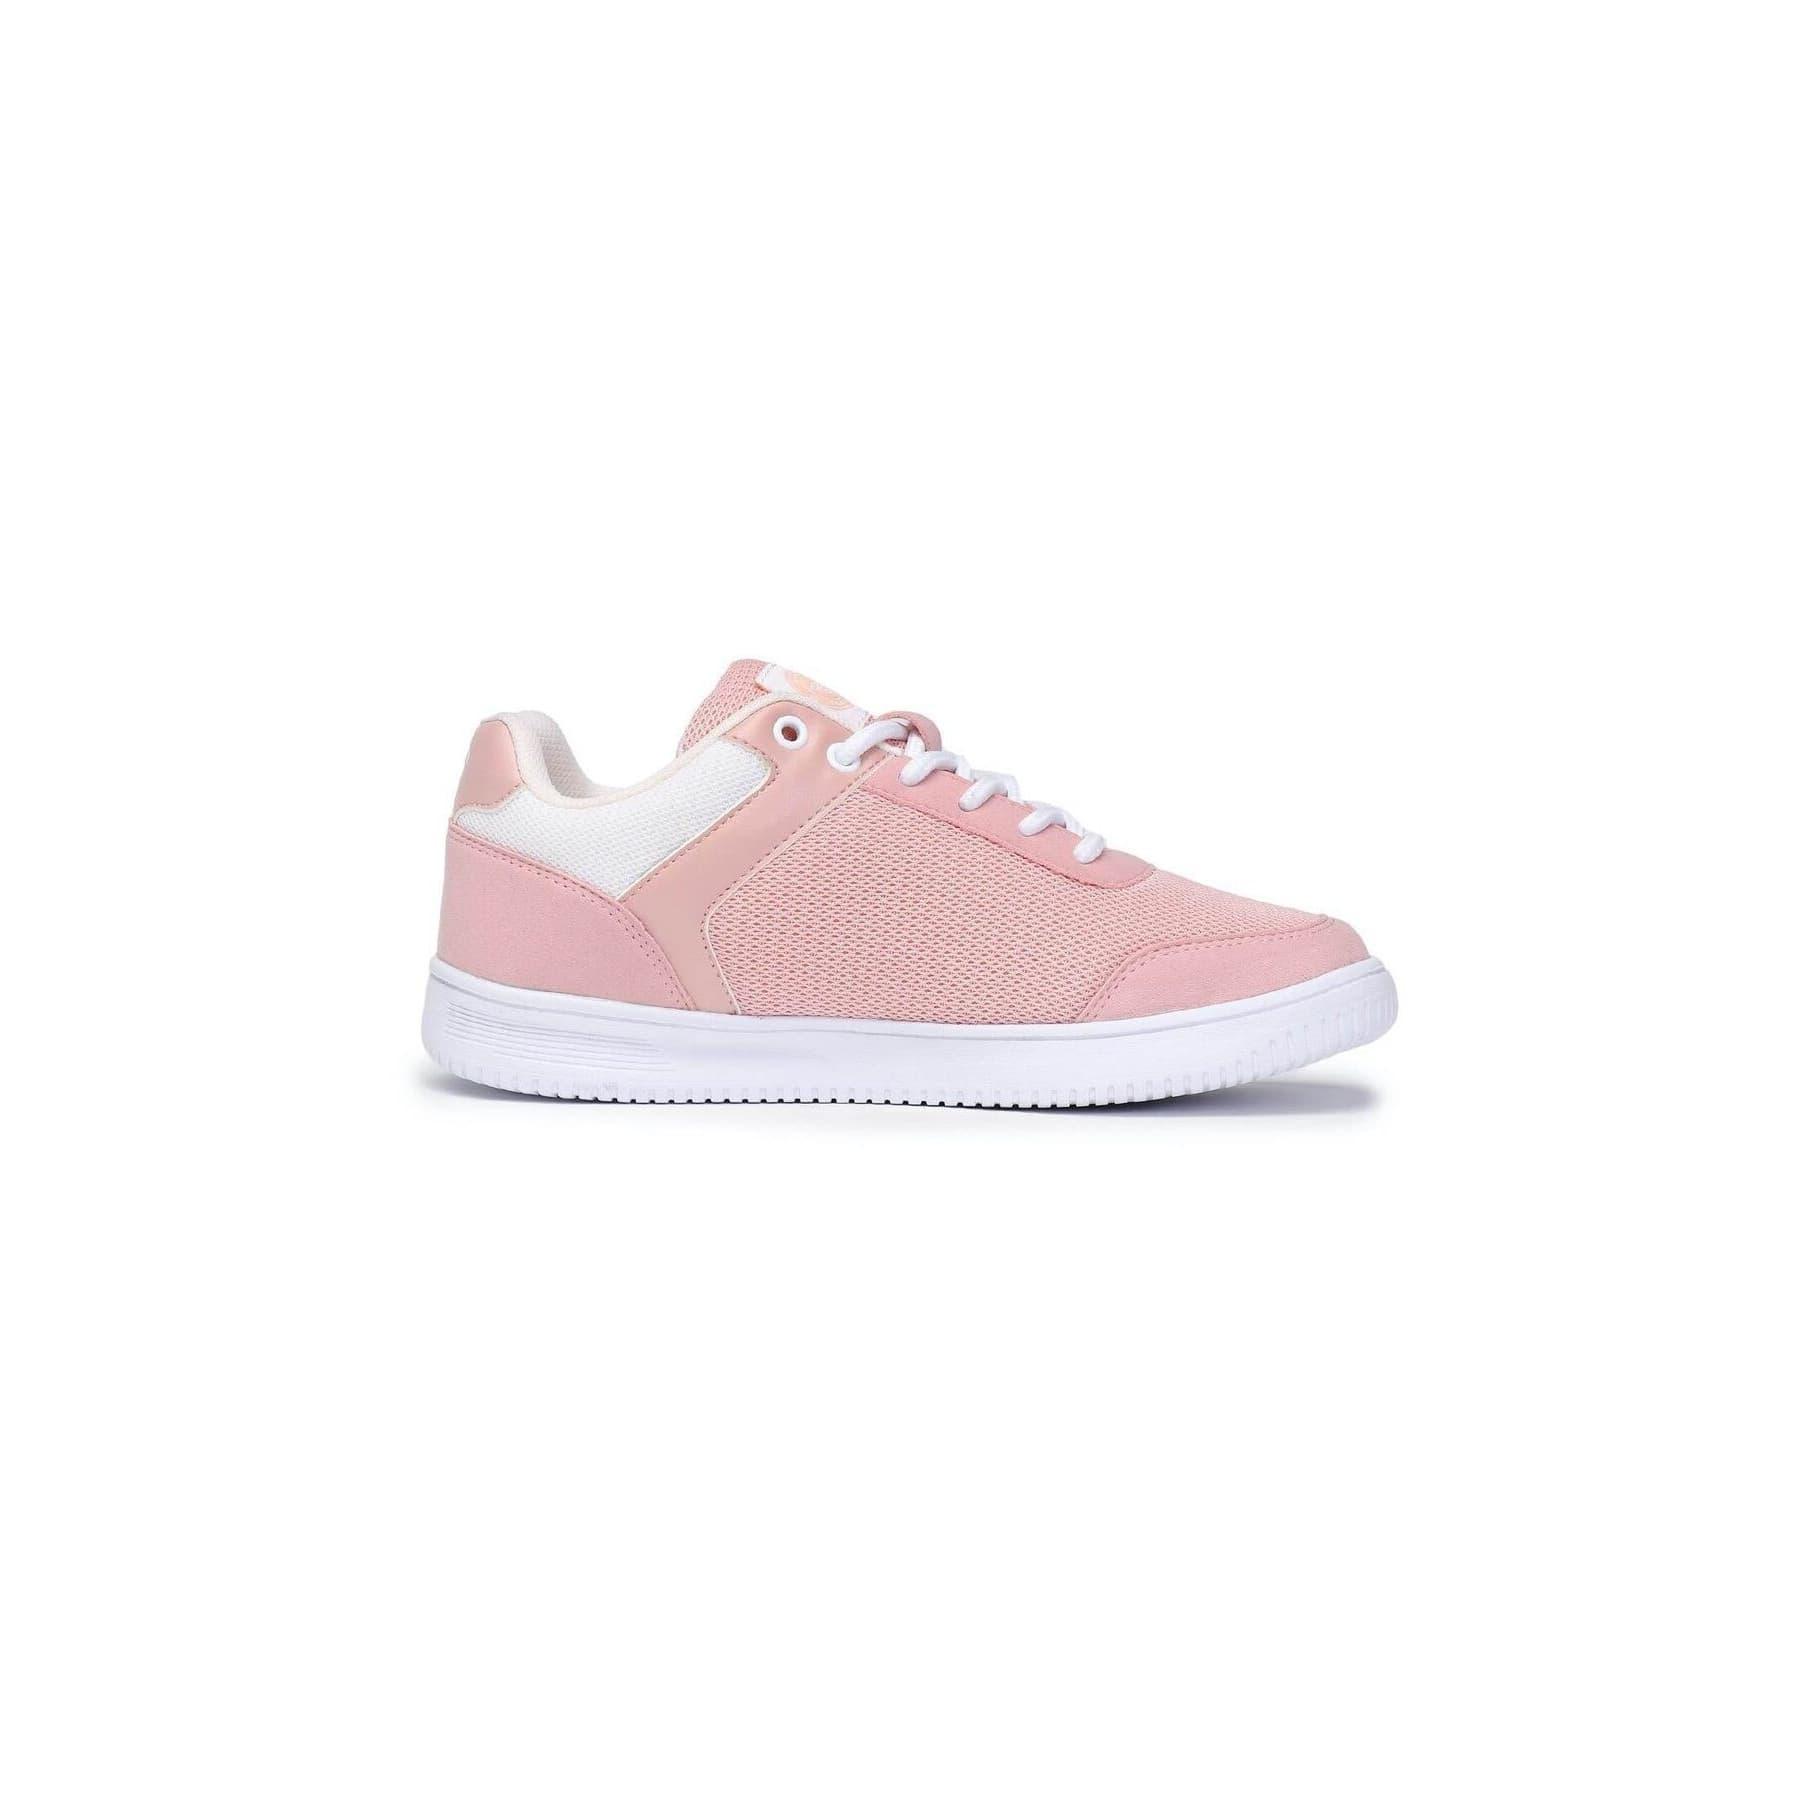 Access Kadın Pembe Spor Ayakkabı (212509-3601)